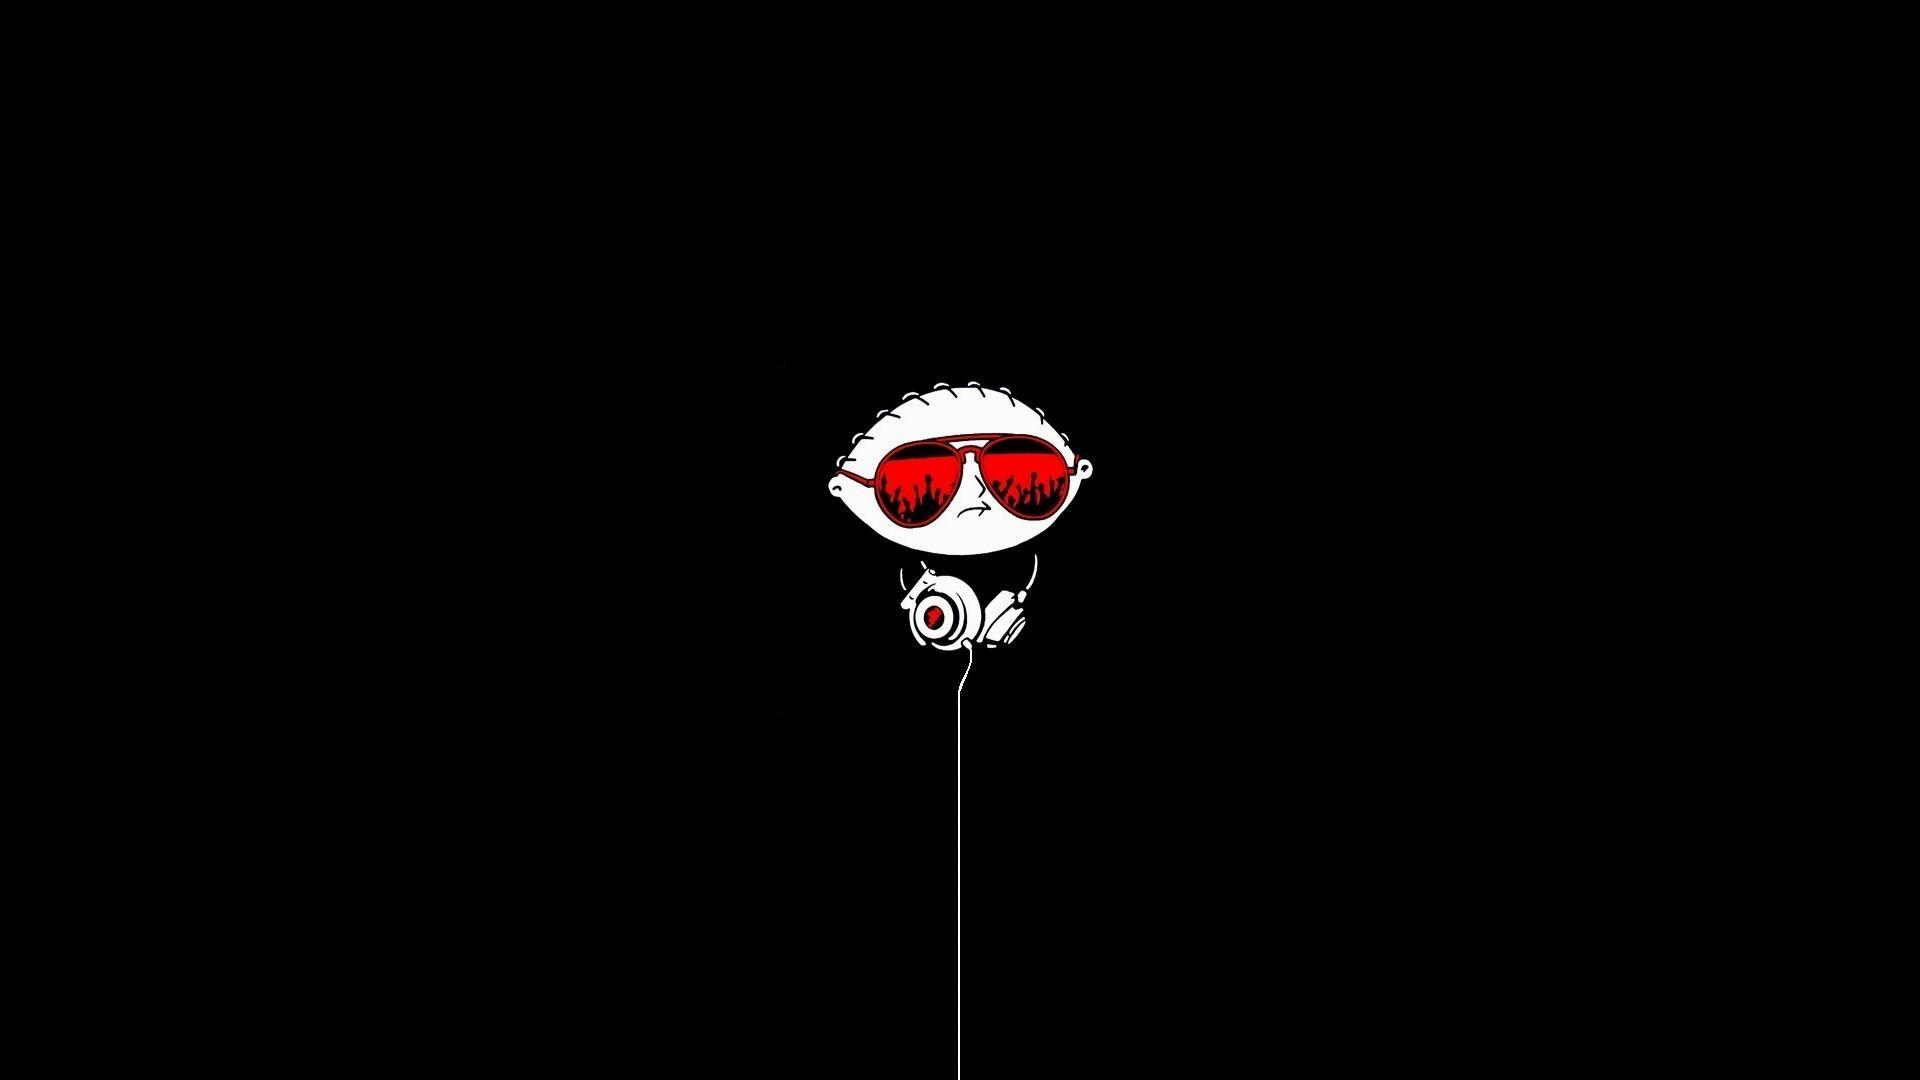 Family-Guy-glasses-headphones-wallpaper